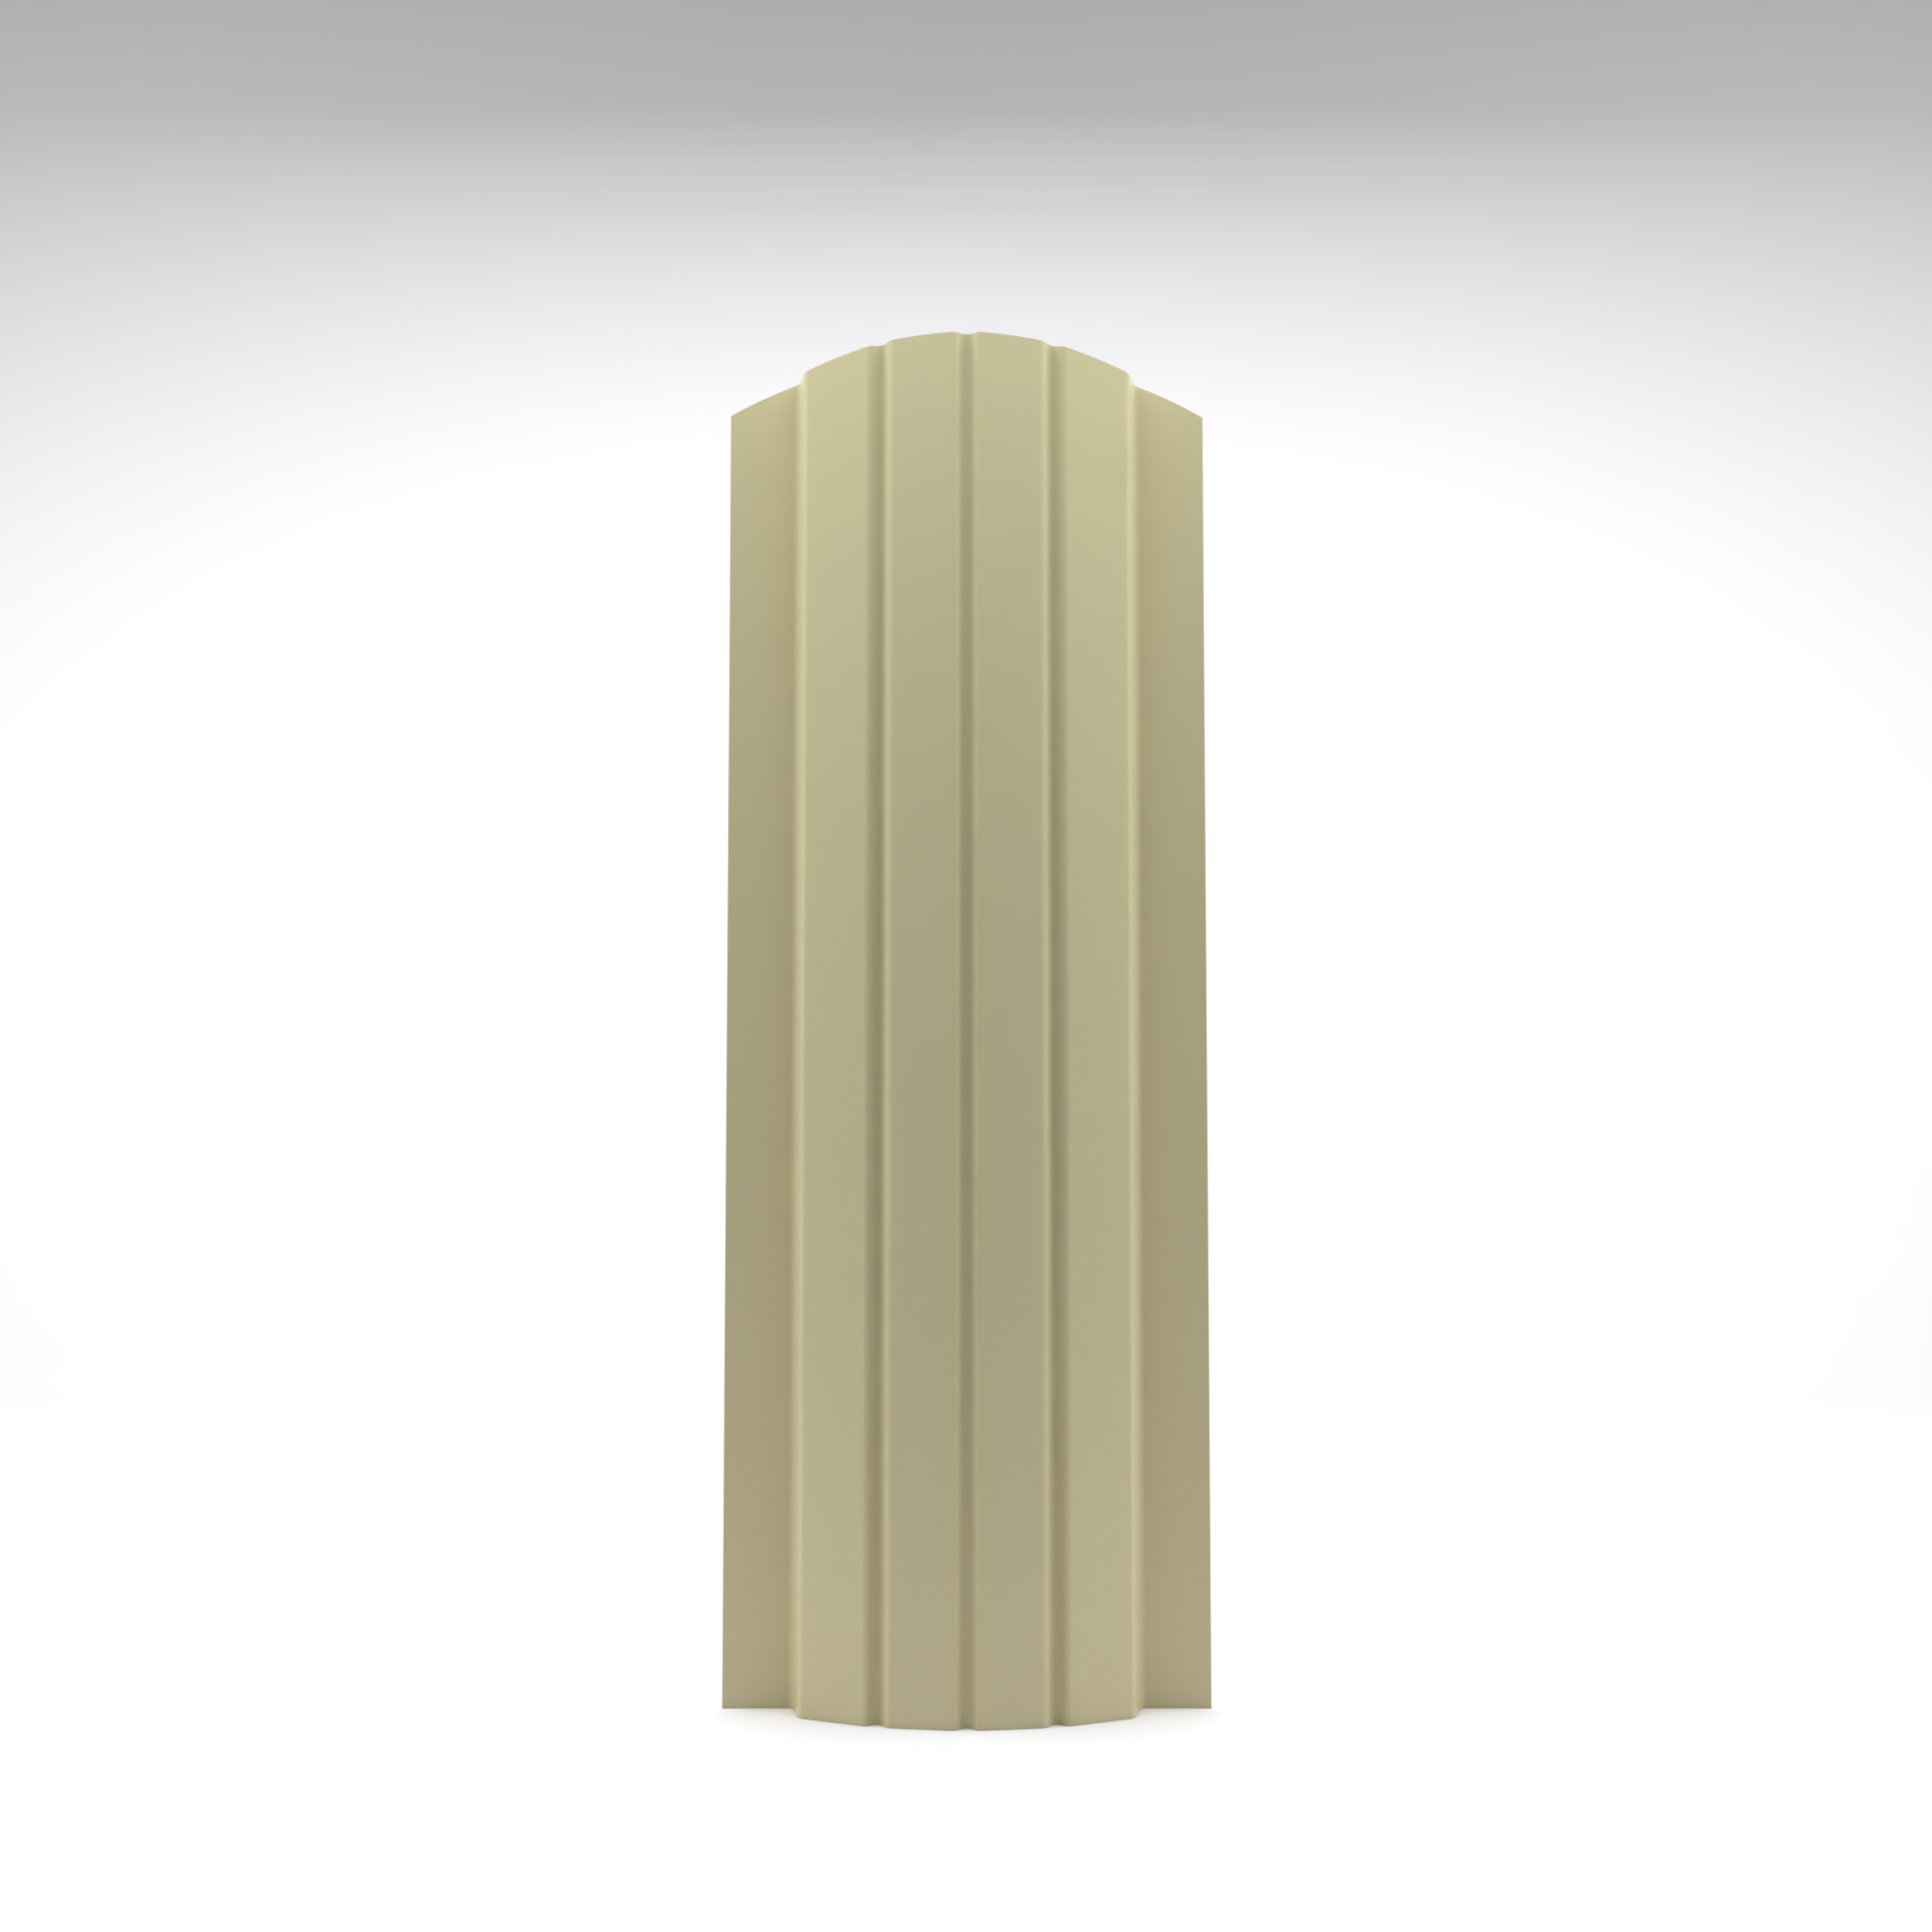 Штакетник Эллипс Премиум (111*18) в Саратове - купить Штакетник Эллипс Премиум (111*18) в Саратове прайс-лист цена 2021